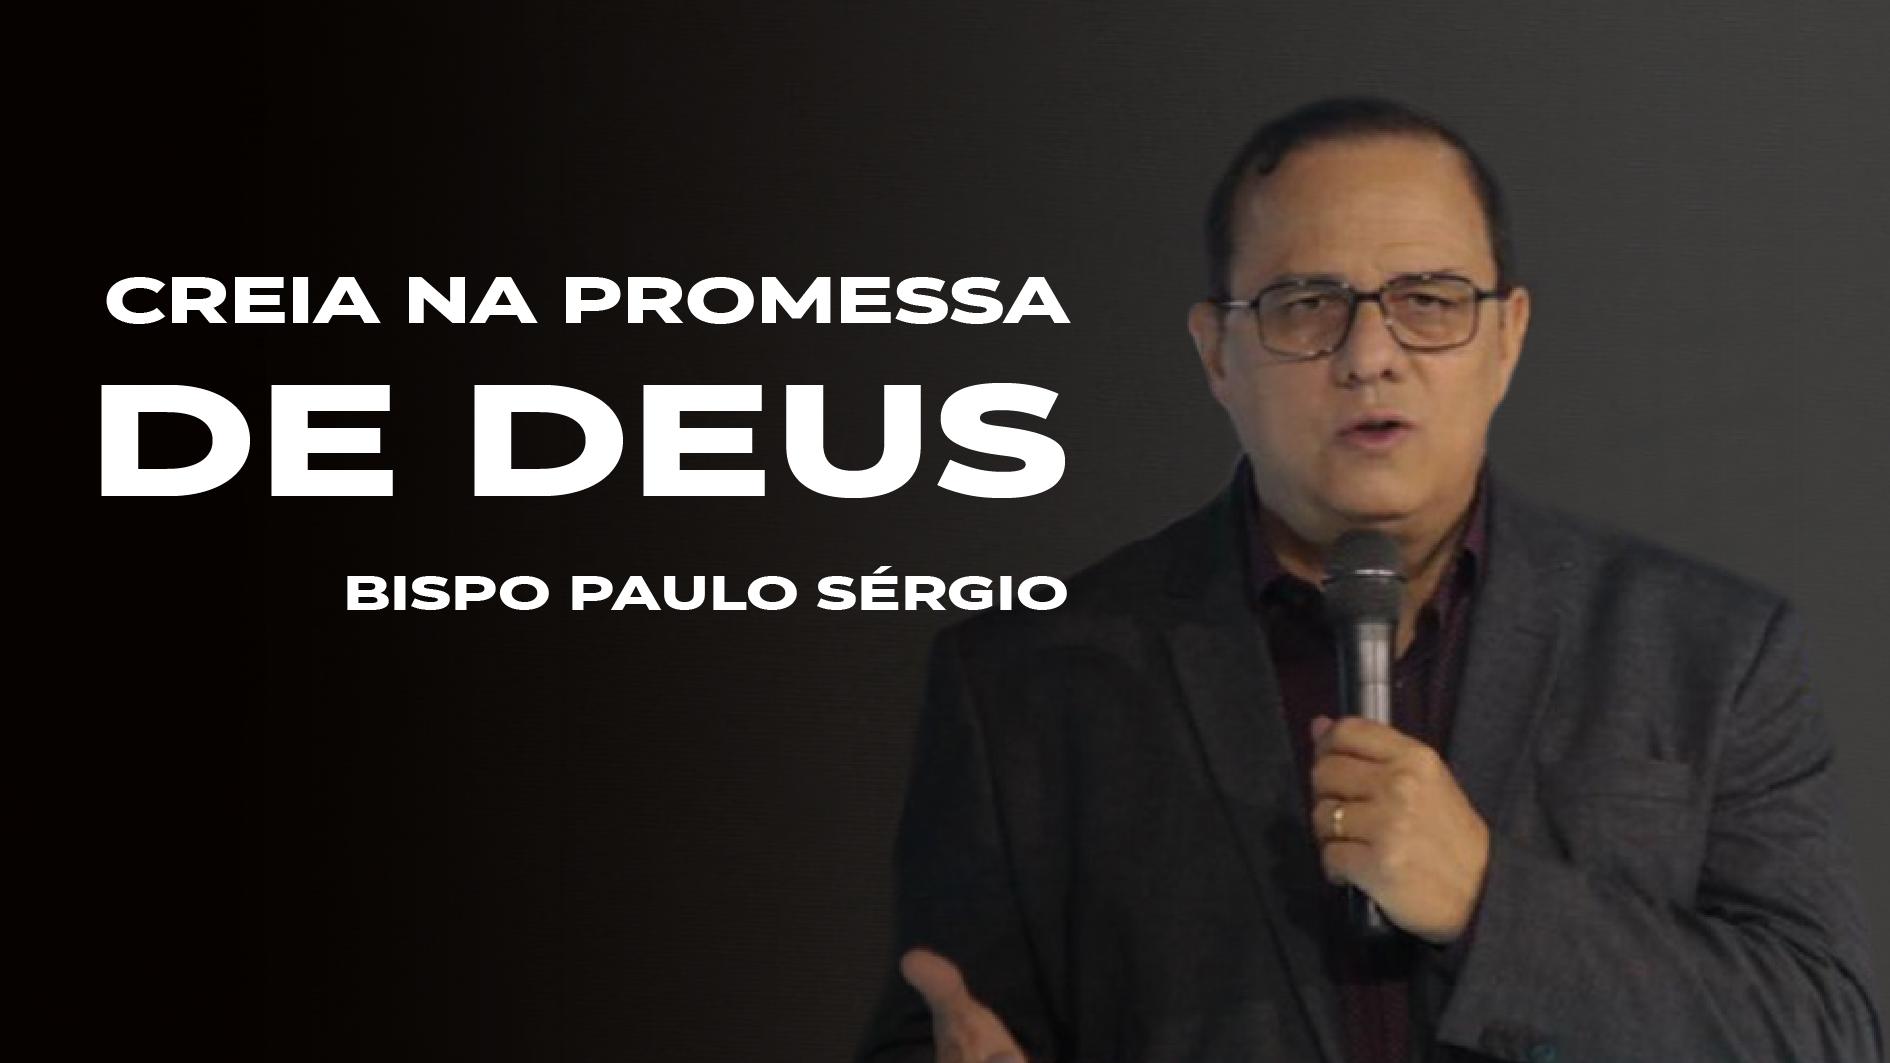 Creia na promessa de Deus